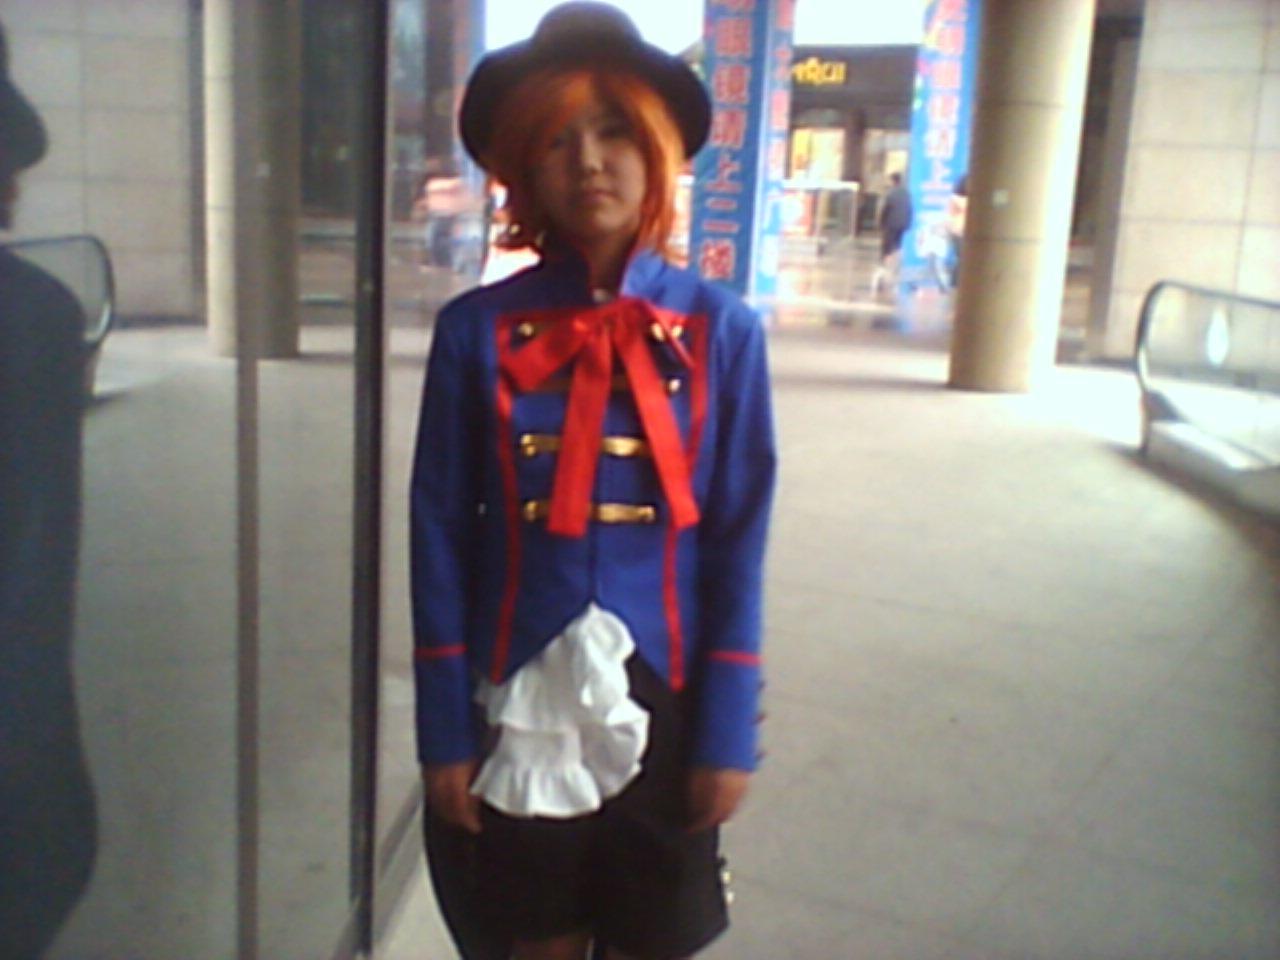 宫迷海洋 酱油君陪朋友去了柯桥她加入的cosplay团今天cos...